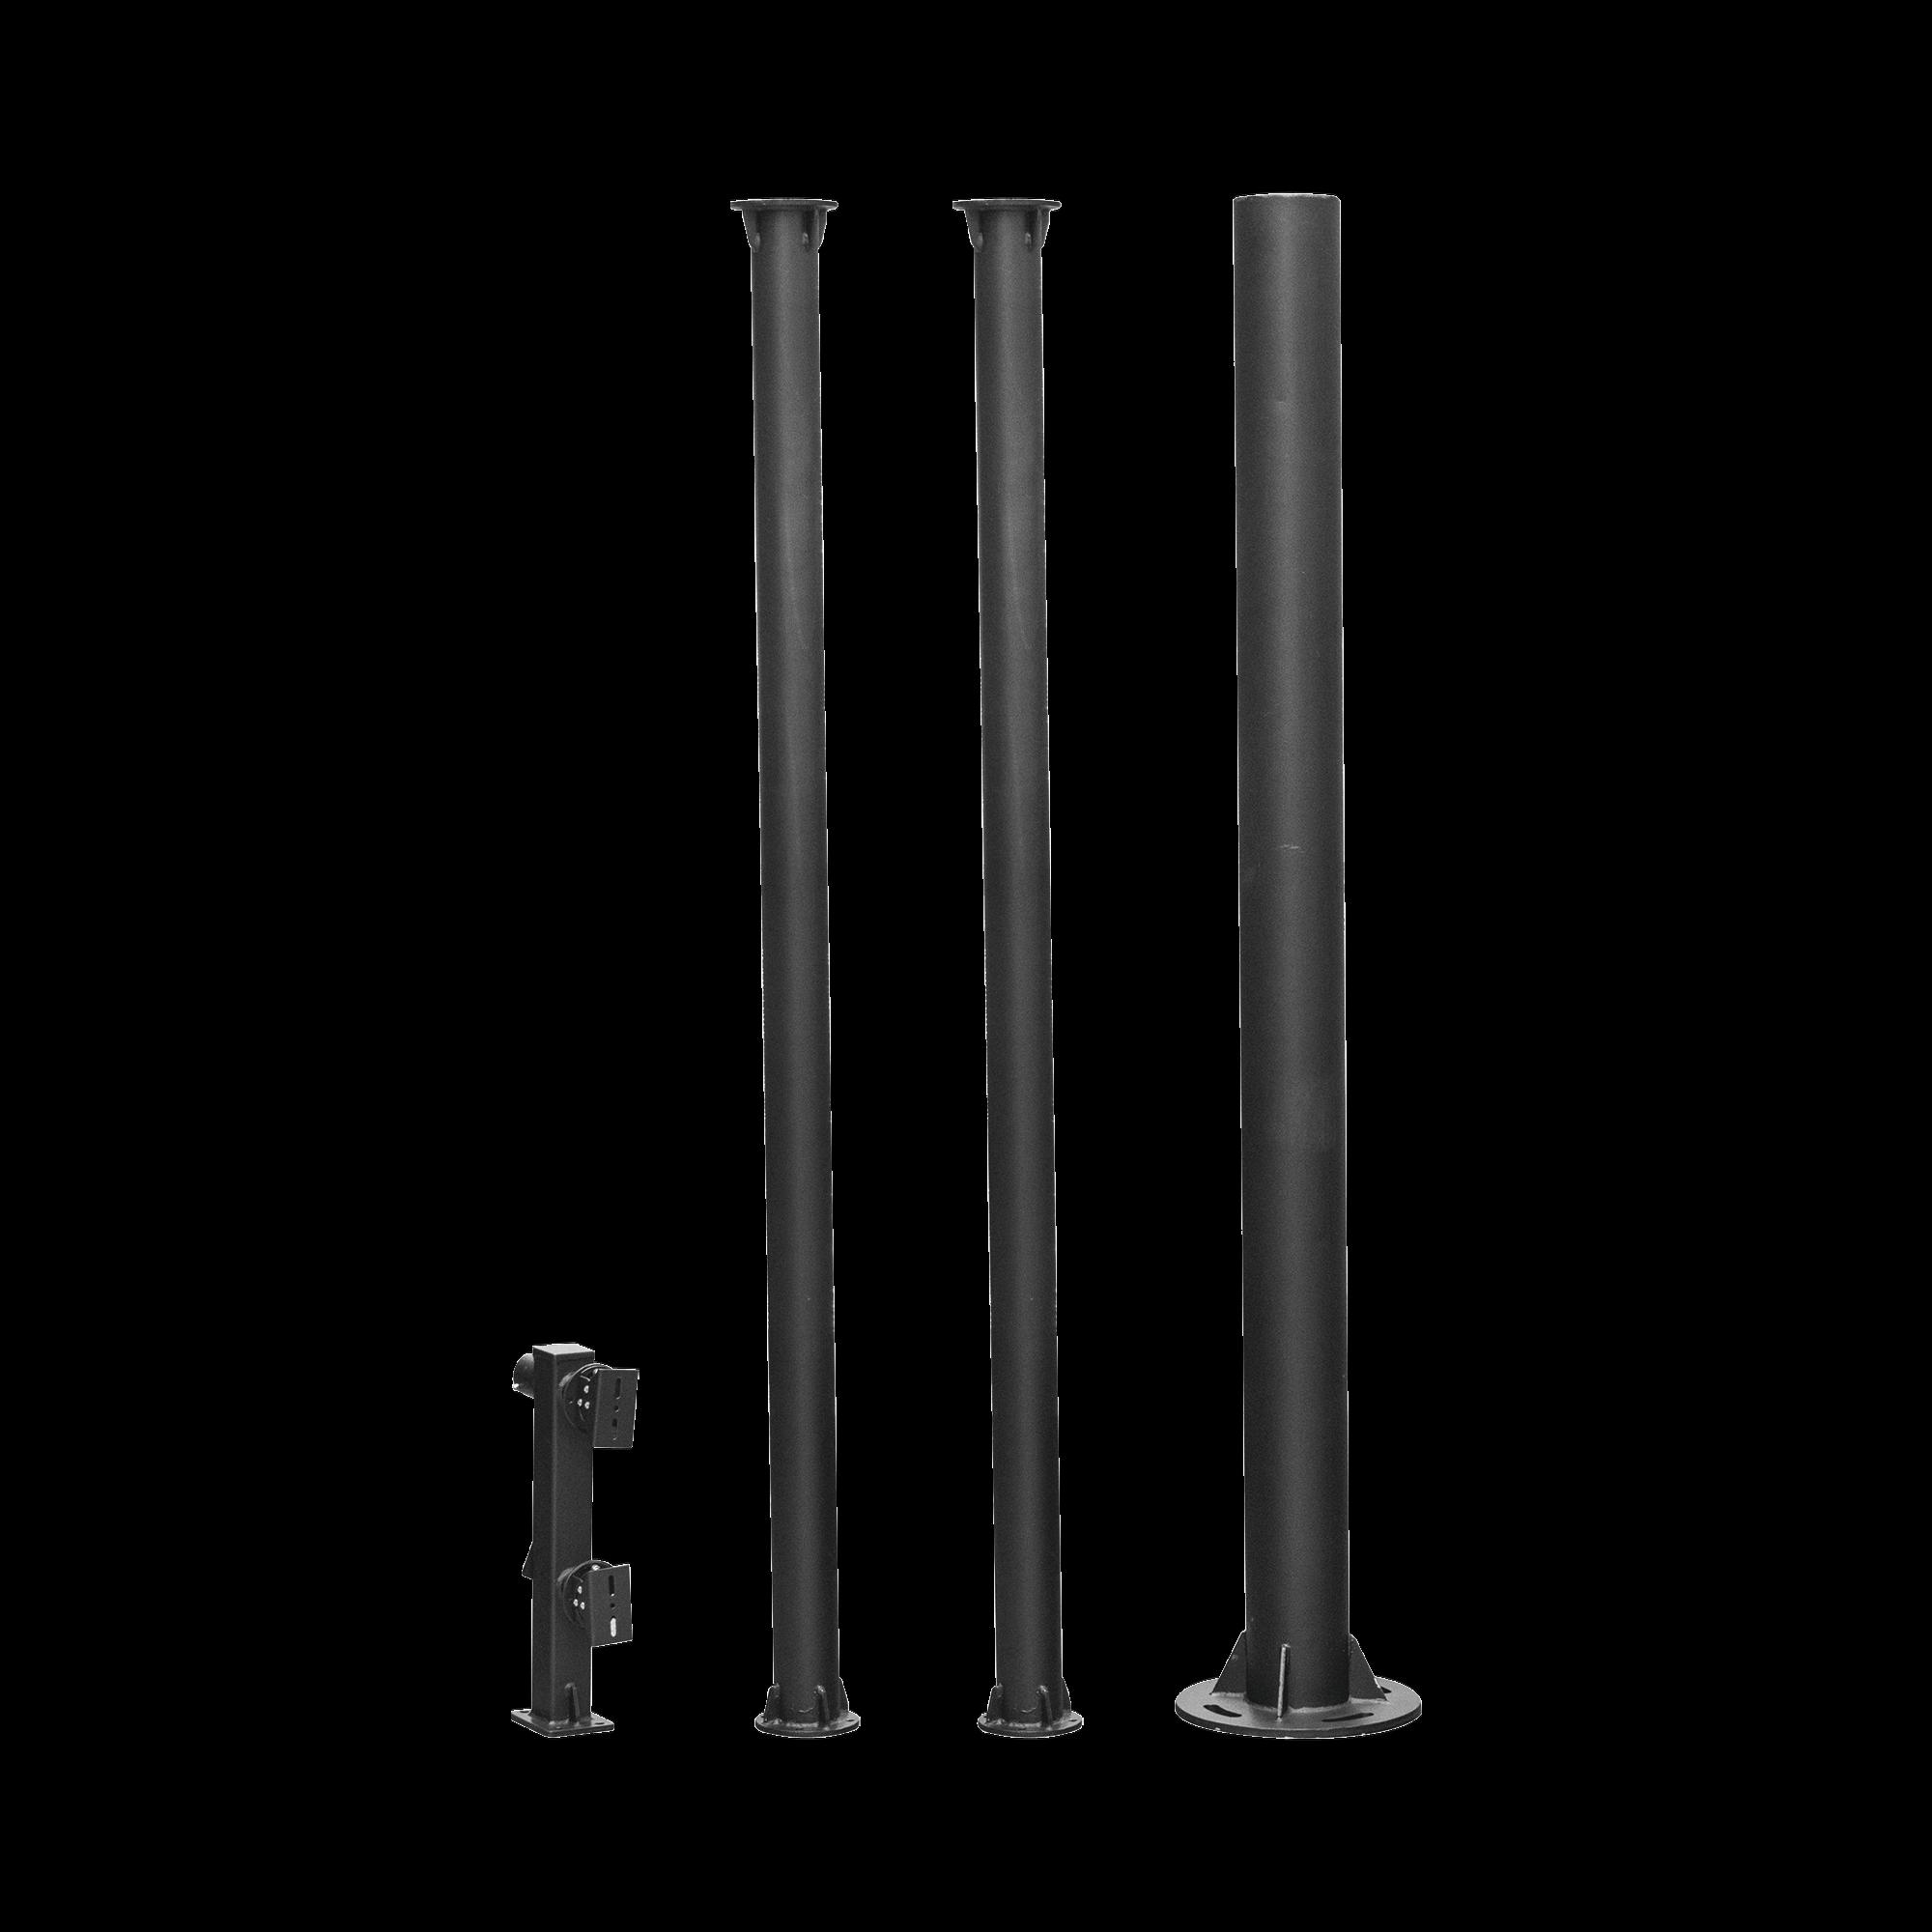 Poste seccionado de 6m, especializado para la instalacion de CCTV, incluye base de cimentacion, brazo para cámara PTZ, acero galvanizado, todo en color negro.